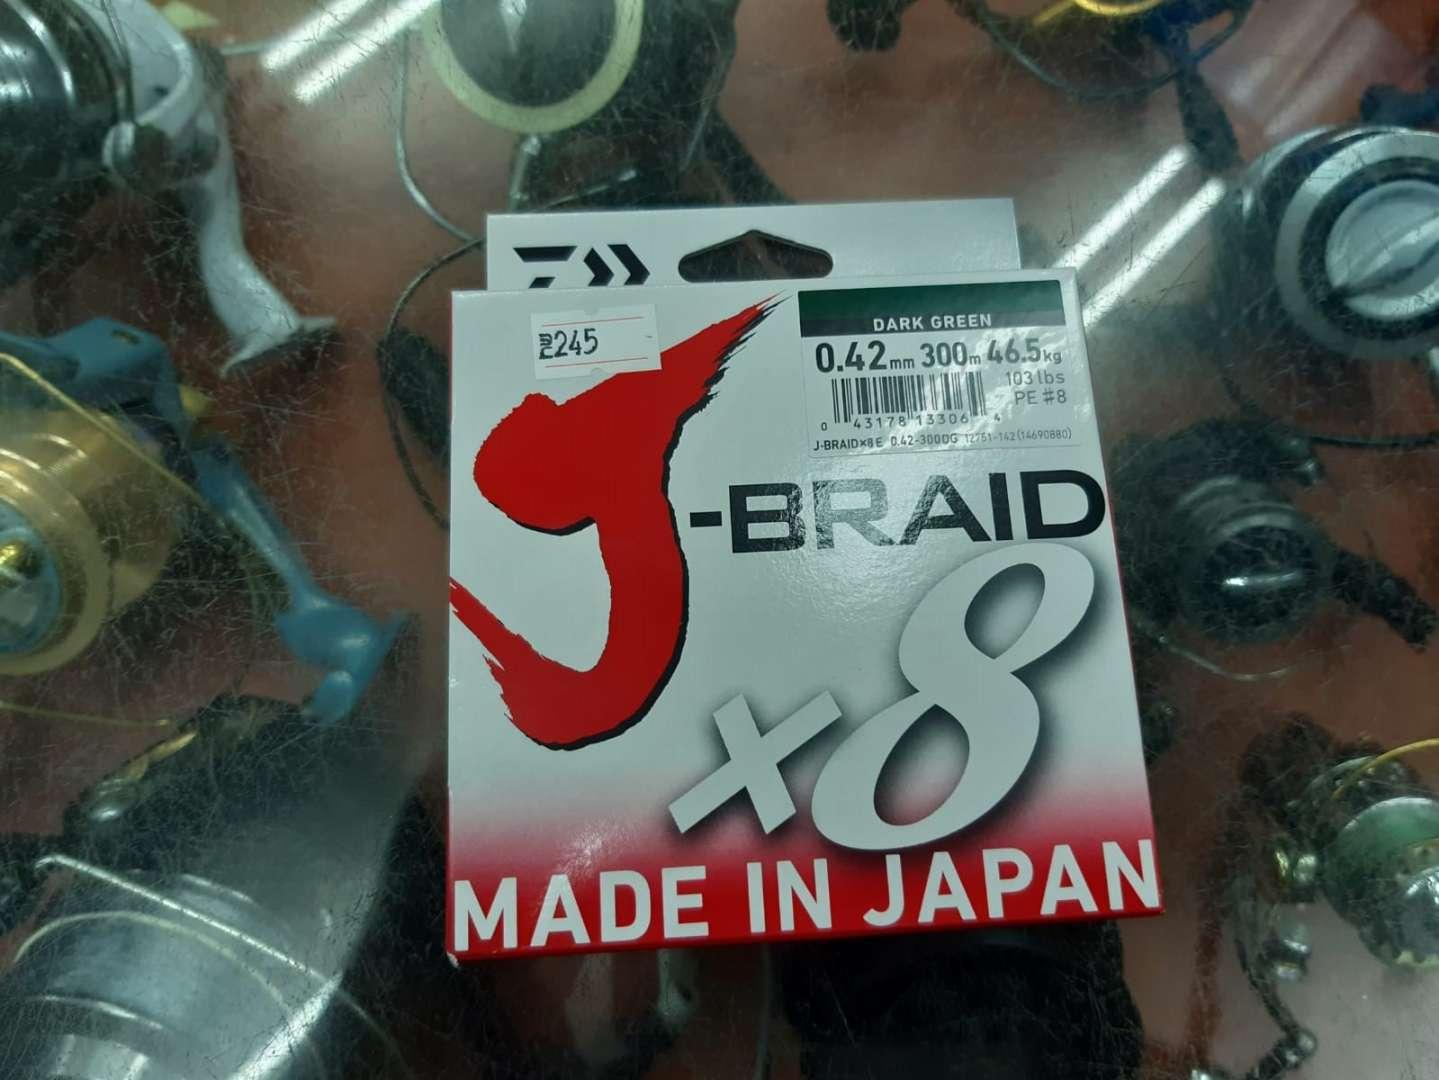 J BRAID חוט בד של דאיווה